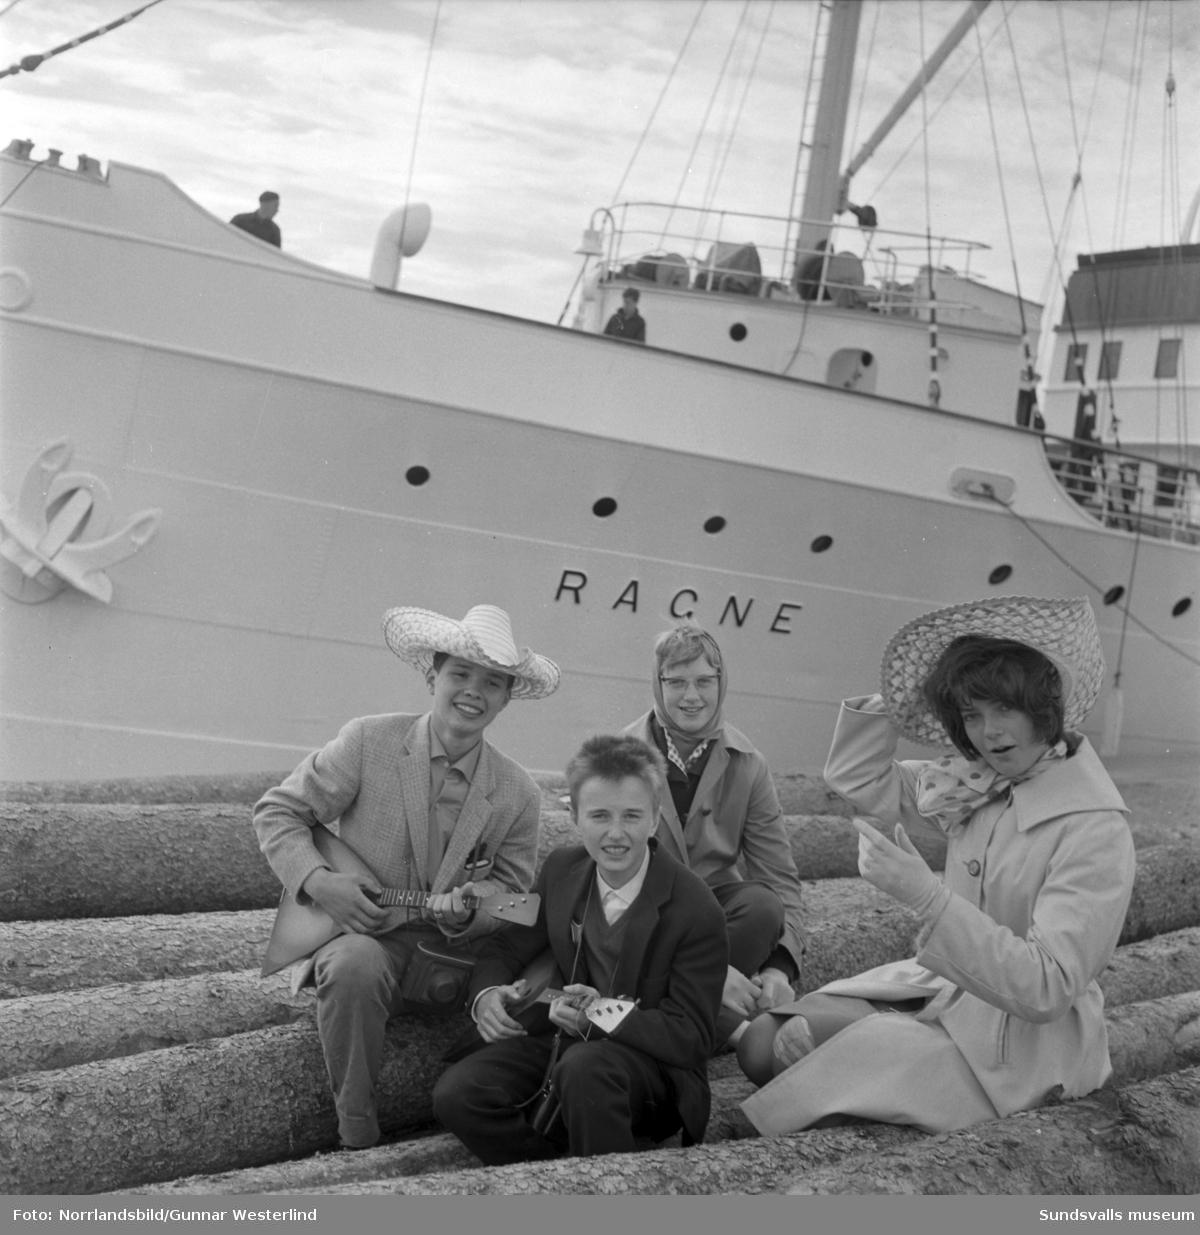 Skolklassen från Kyrkmons skola som varit på exotisk skolresa i österled återvänder med båten Ragne till kajen i Sundsvall och välkomnas av såväl media som familj och släkt. På första bilden är det radiomannen Bertil Hedlund som språkar med magister Gunnar Tjernberg. Resan hade gått från flygplatsen på Skeppsholmen till Vasa, vidare med tåg till Leningrad där fyra hela dagar tillbringades, tåg tillbaka till Helsingfors och sedan till den finska vänorten Ilmajoki. Några av eleverna på bilderna är: Ove Johansson, Maud Eriksson, Ann-Britt Pettersson, Ulla-May Nordin, Asbjörn Sjöö och Bror Hed.